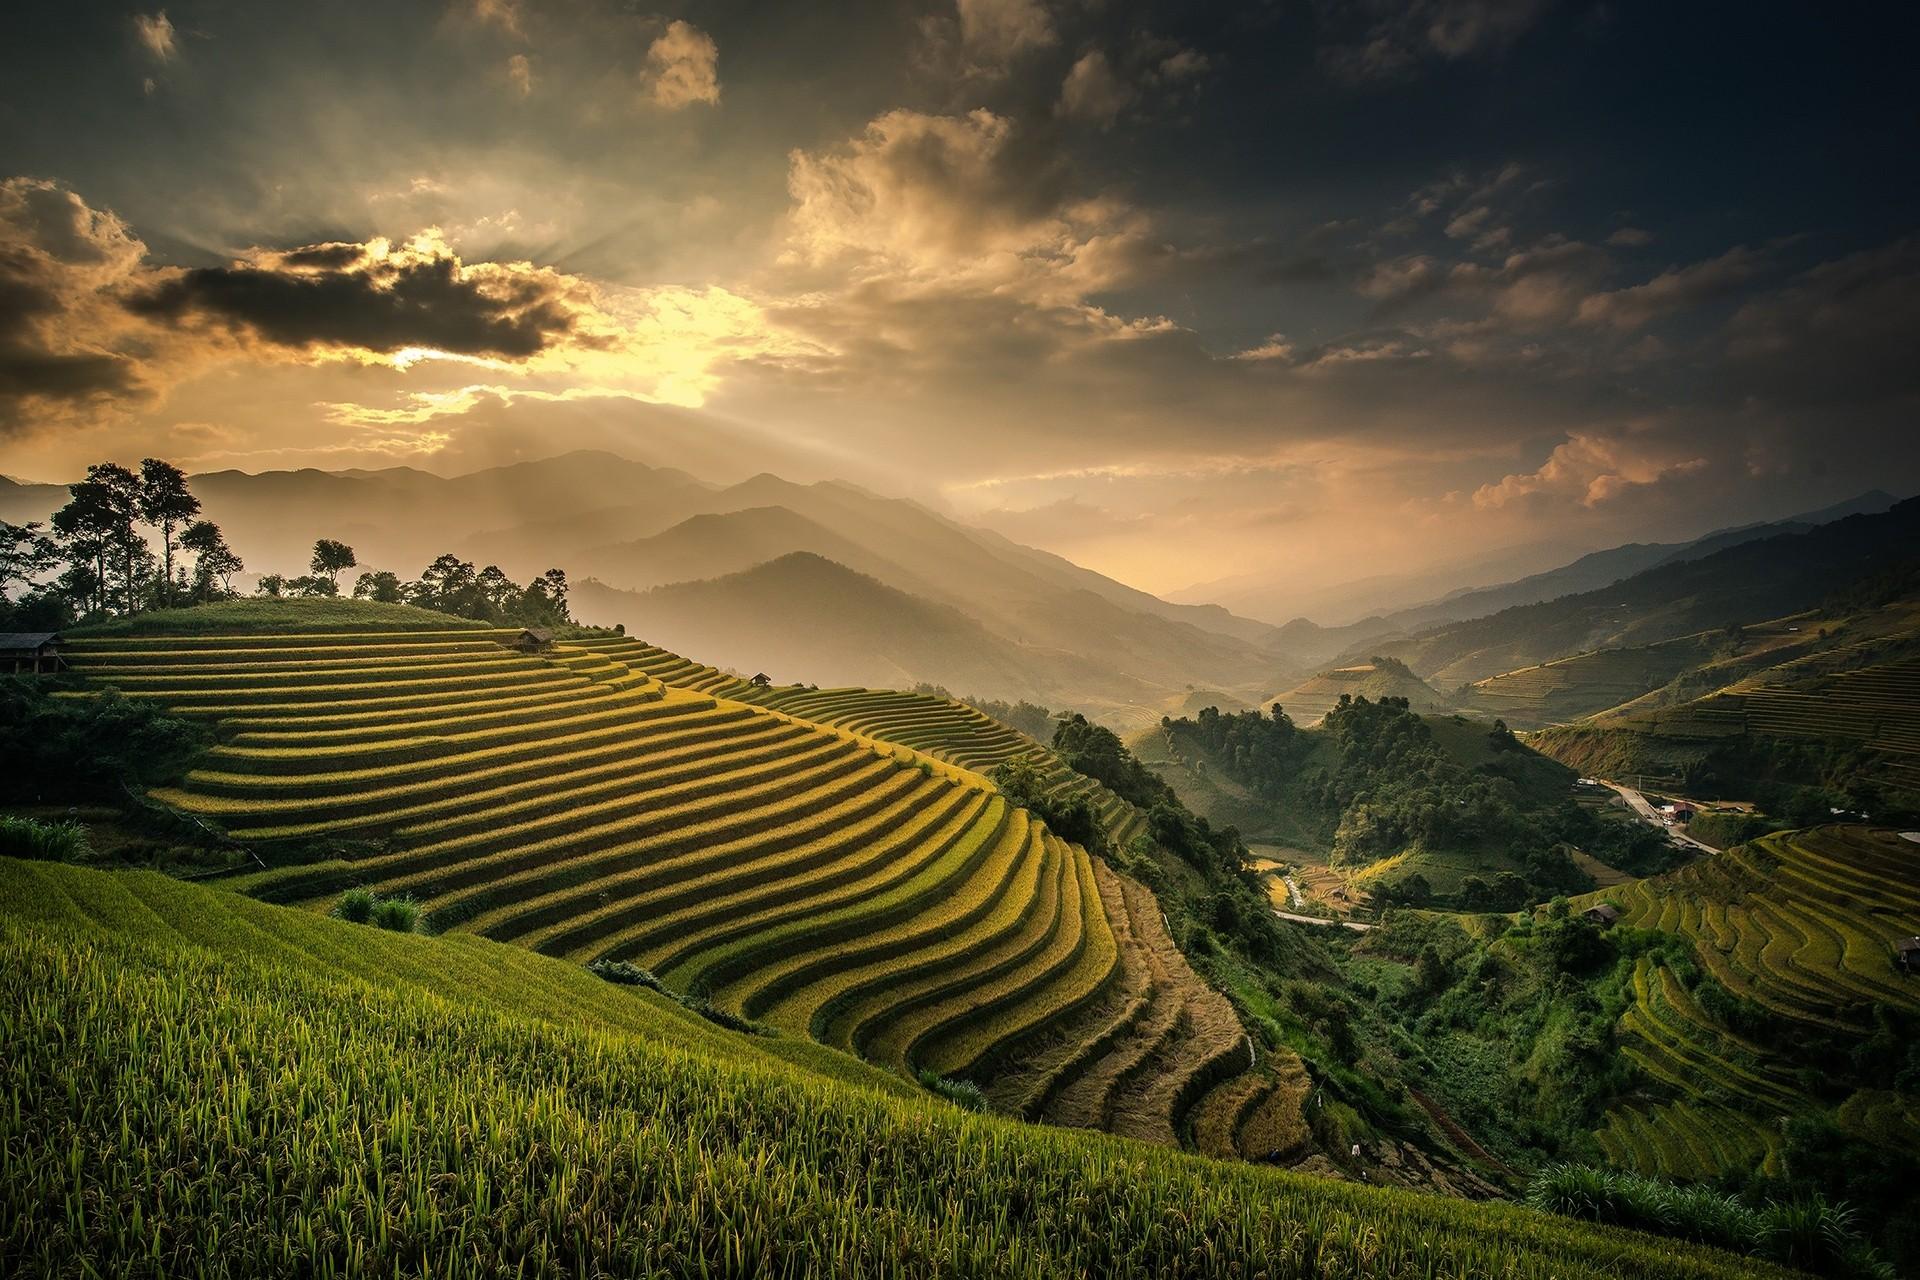 wallpaper sunlight landscape mountains sunset hill